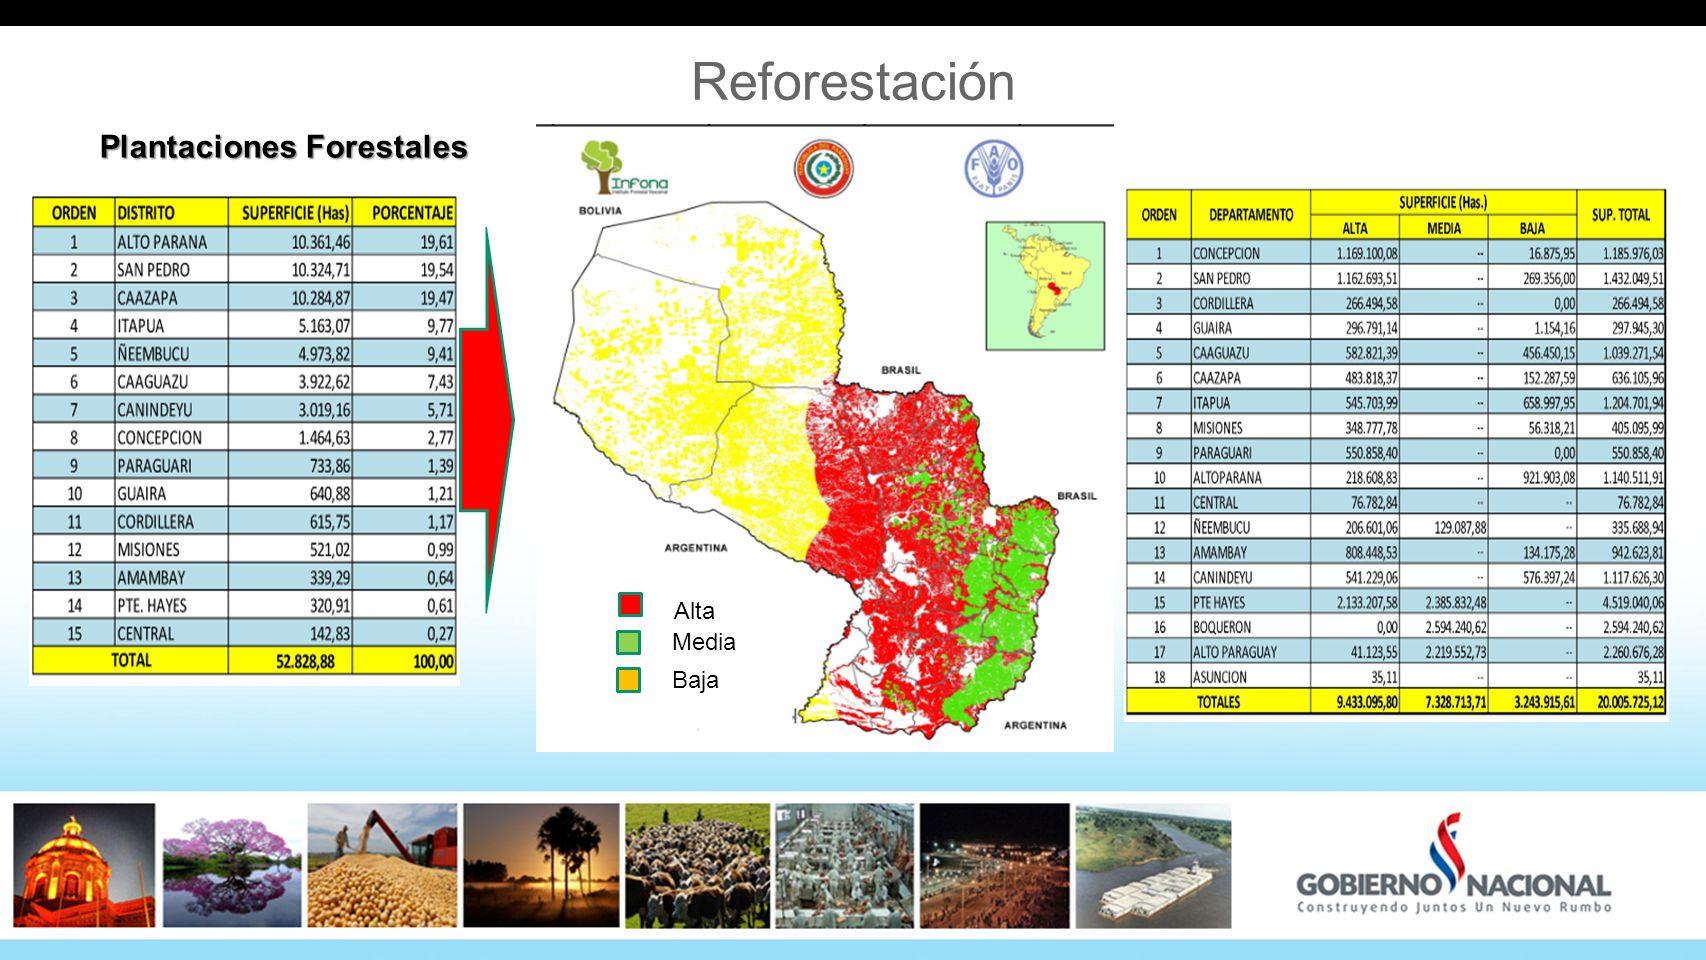 Reforestación Plantaciones Forestales Alta Media Baja 34